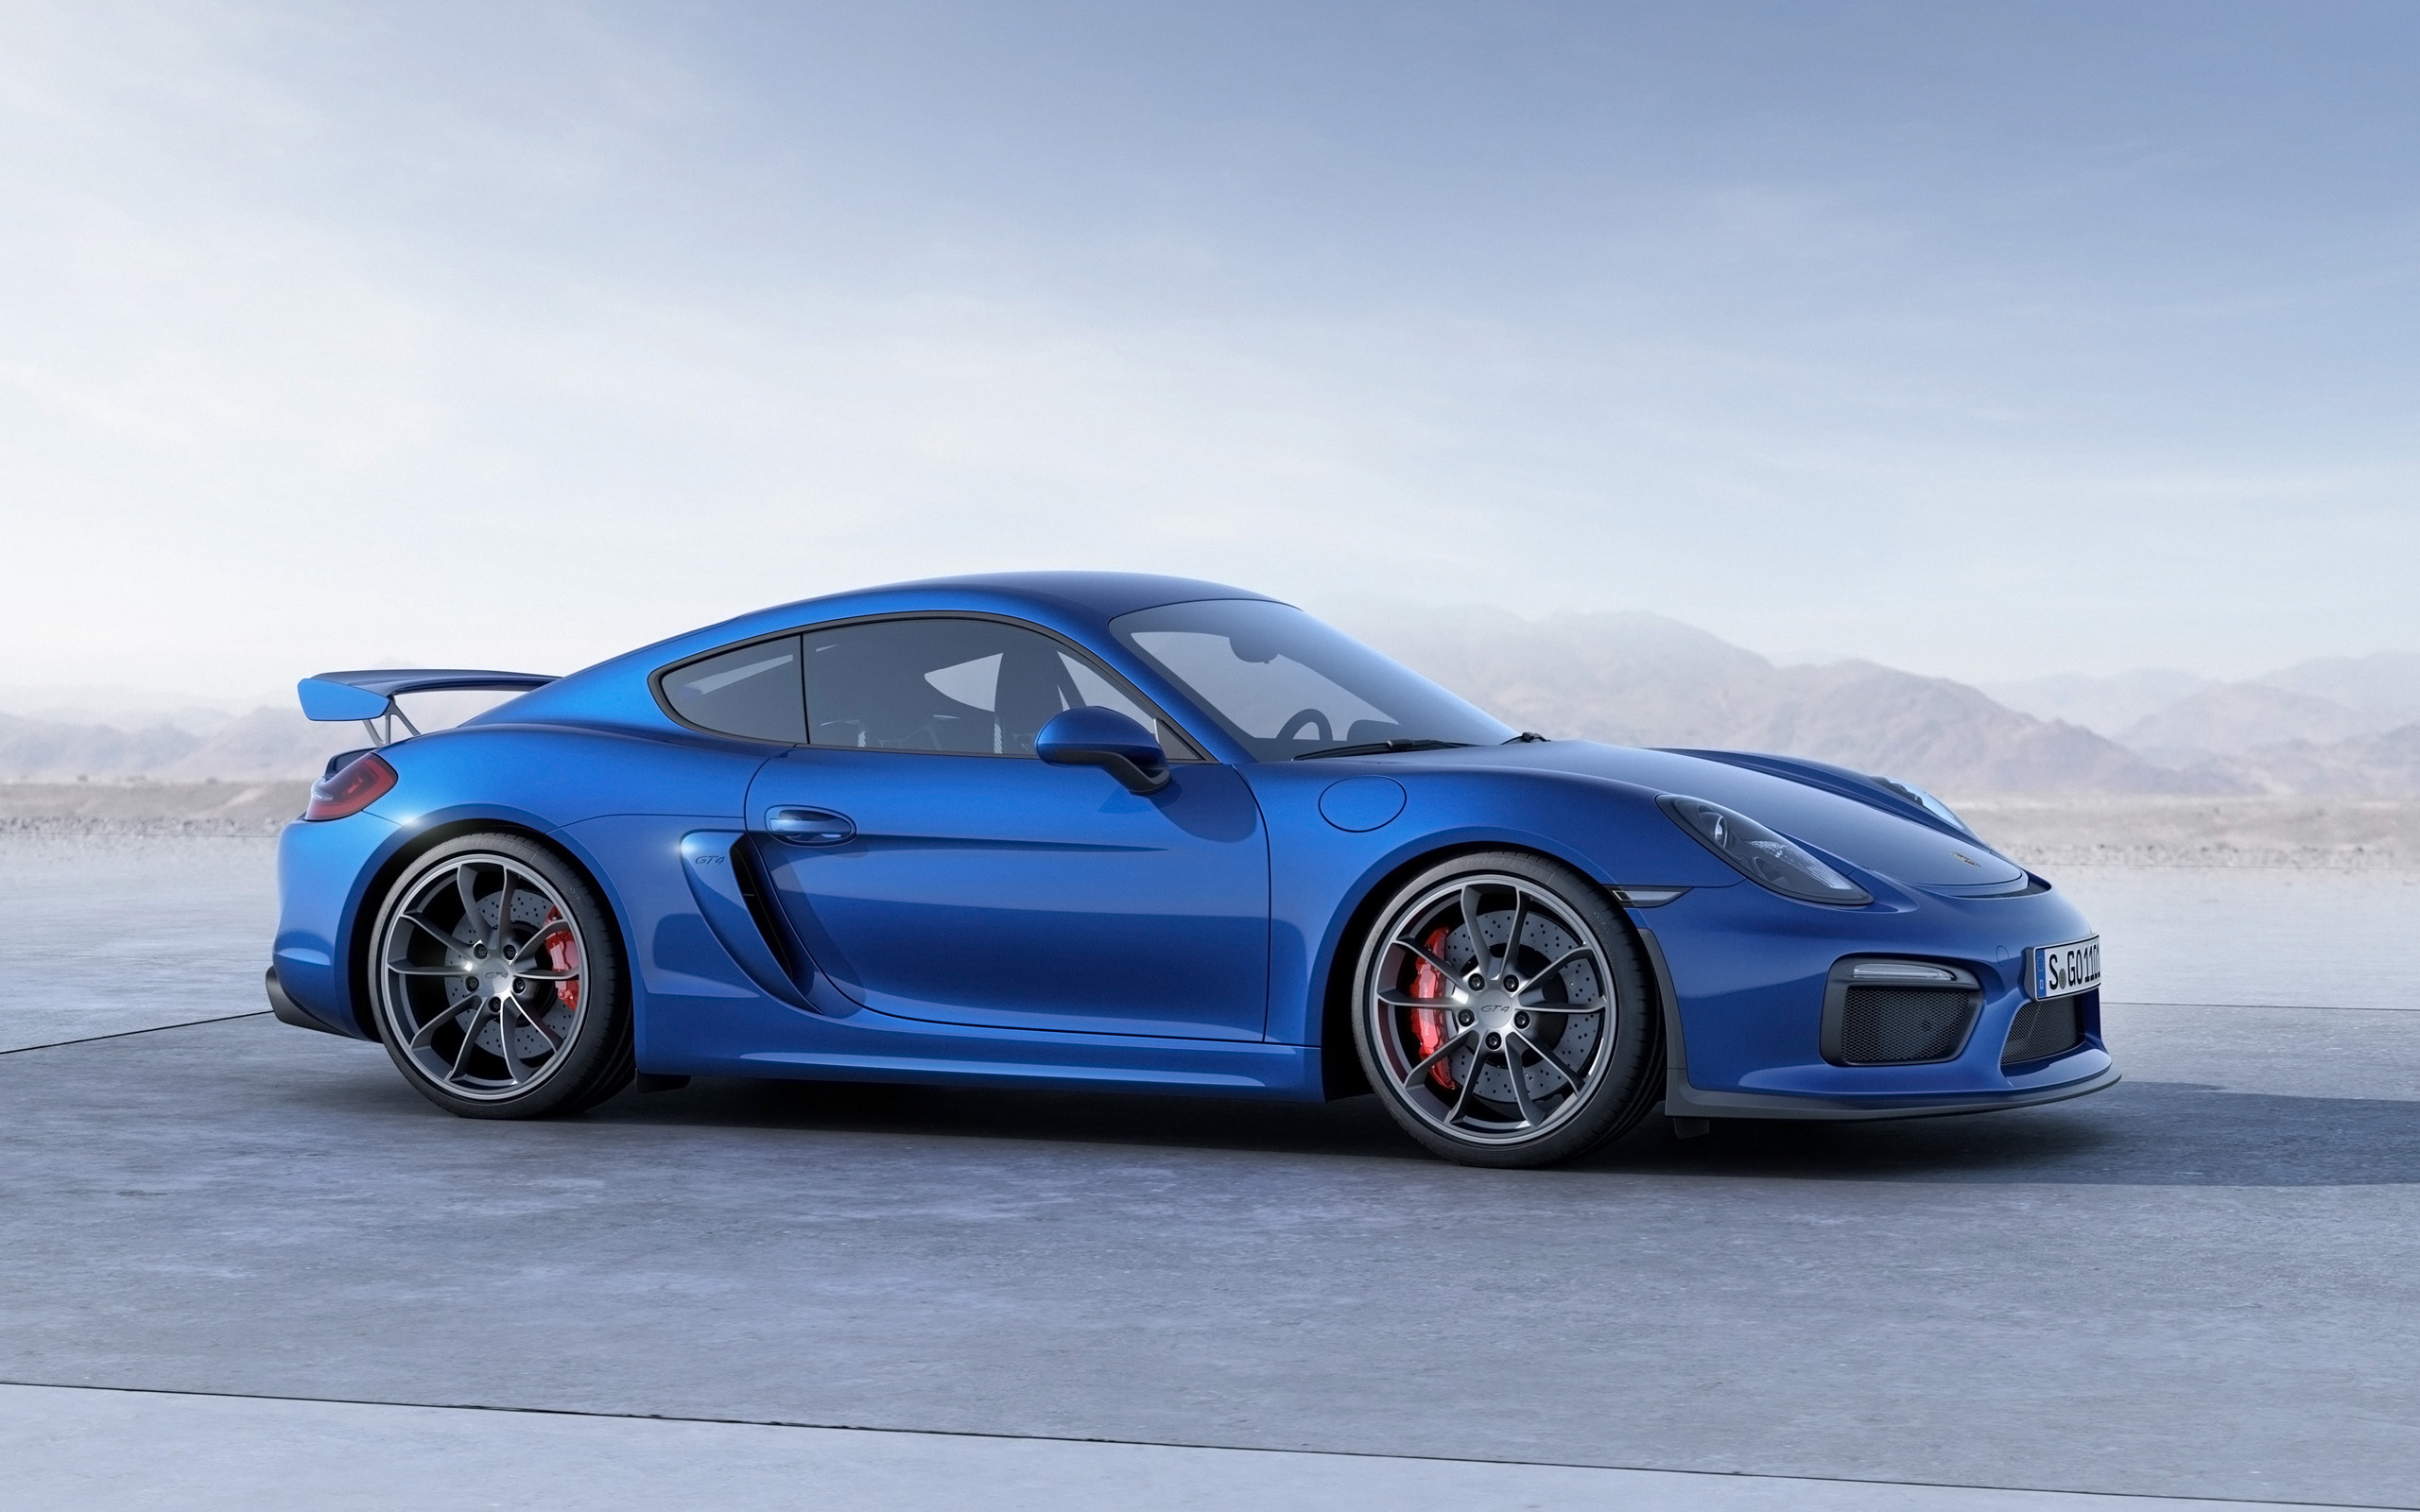 Porsche Cayman Gt4 Wallpaper 47777 2560x1600 Px